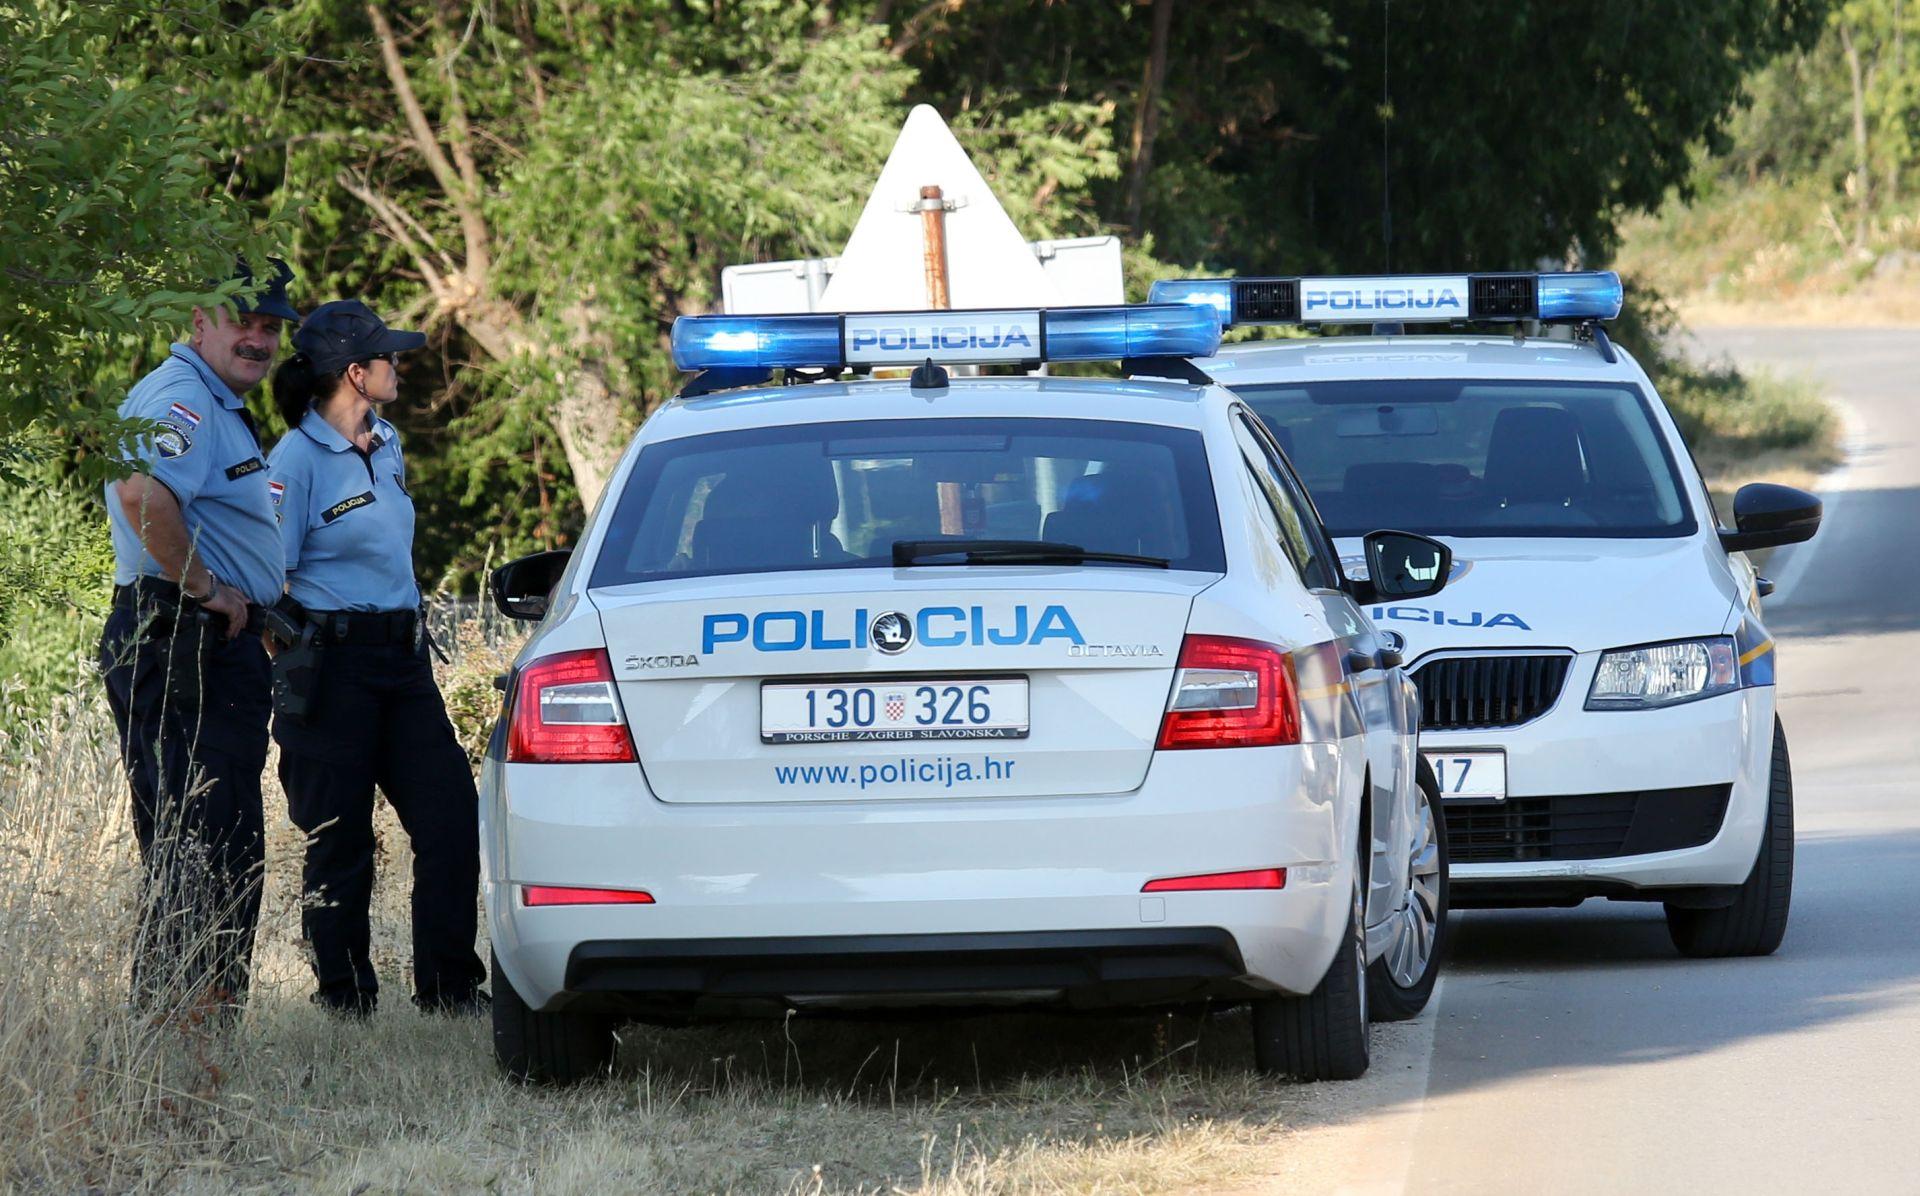 NEOBIČNA PLJAČKA: Pucao iz pištolja da prestraši djelatnike i opljačkao nudistički kamp